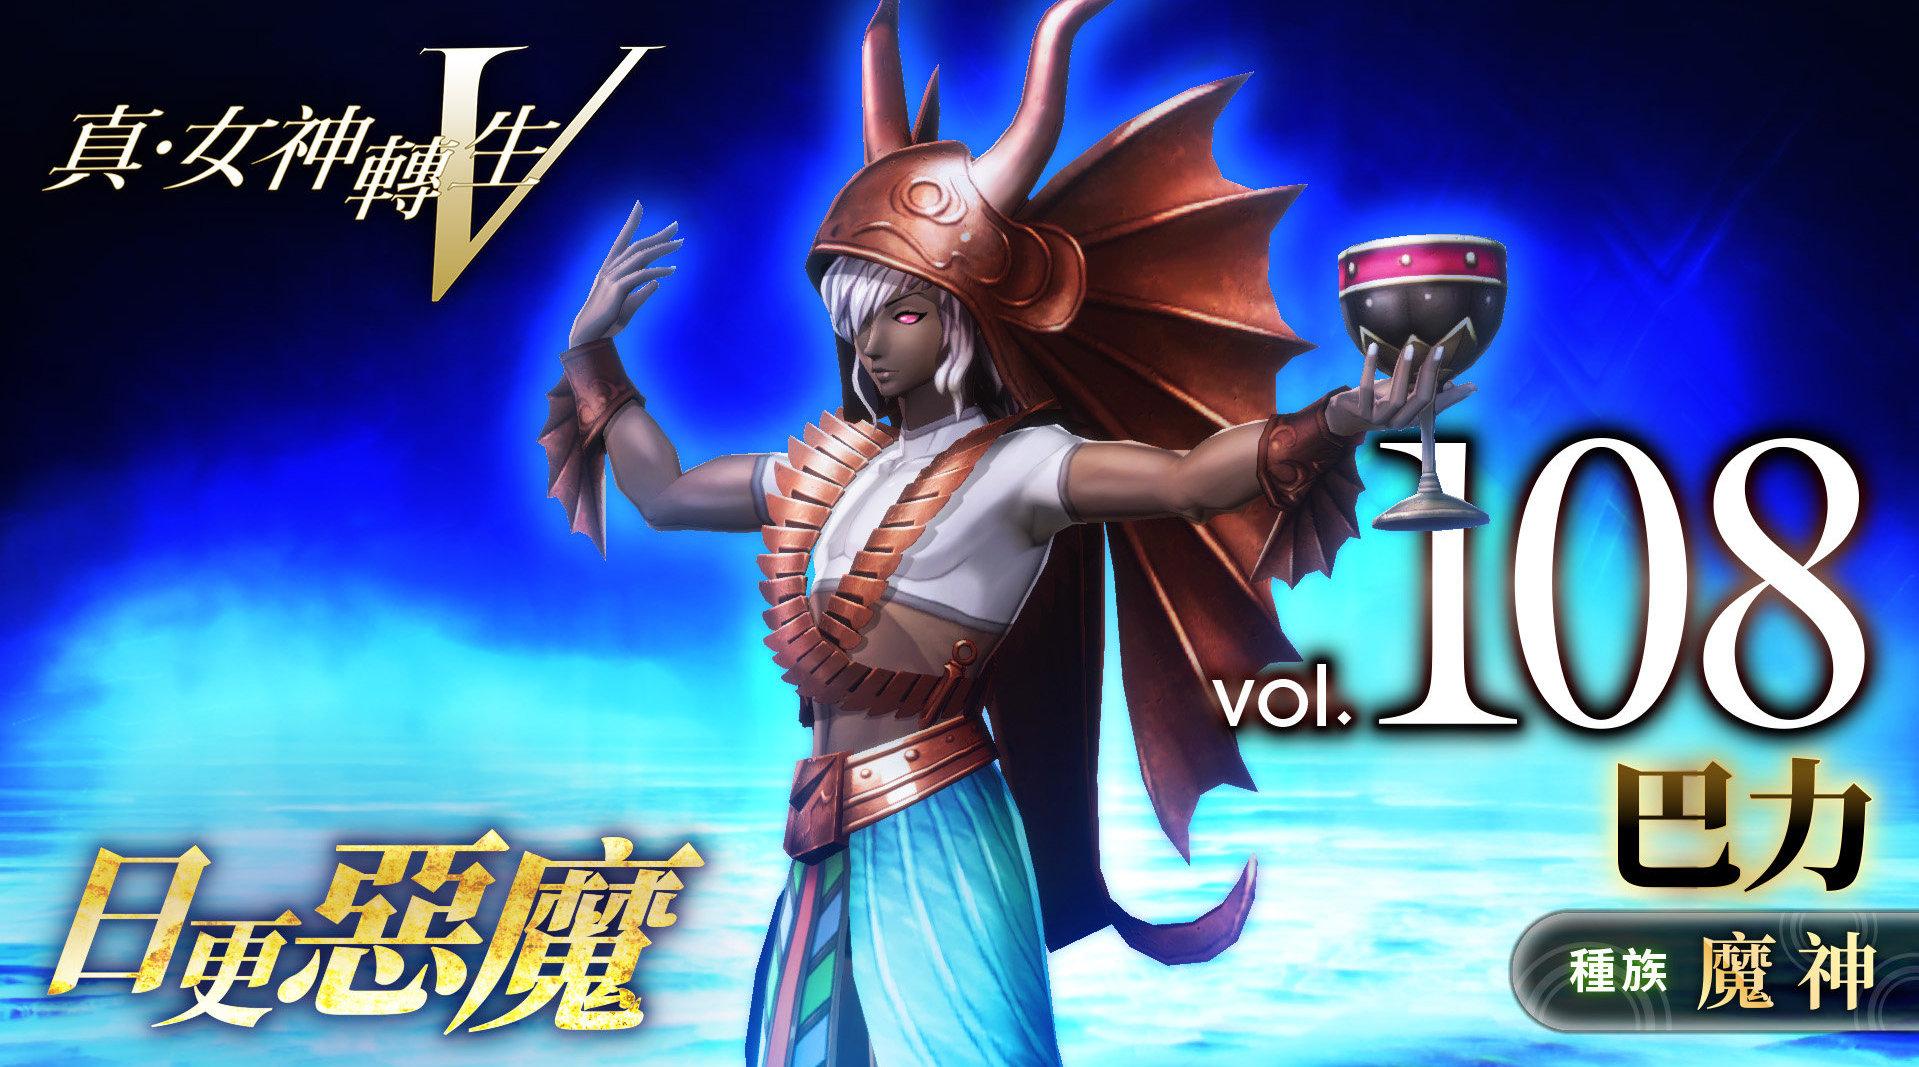 《真女神转生5》恶魔介绍:西闪米人丰饶之神巴力